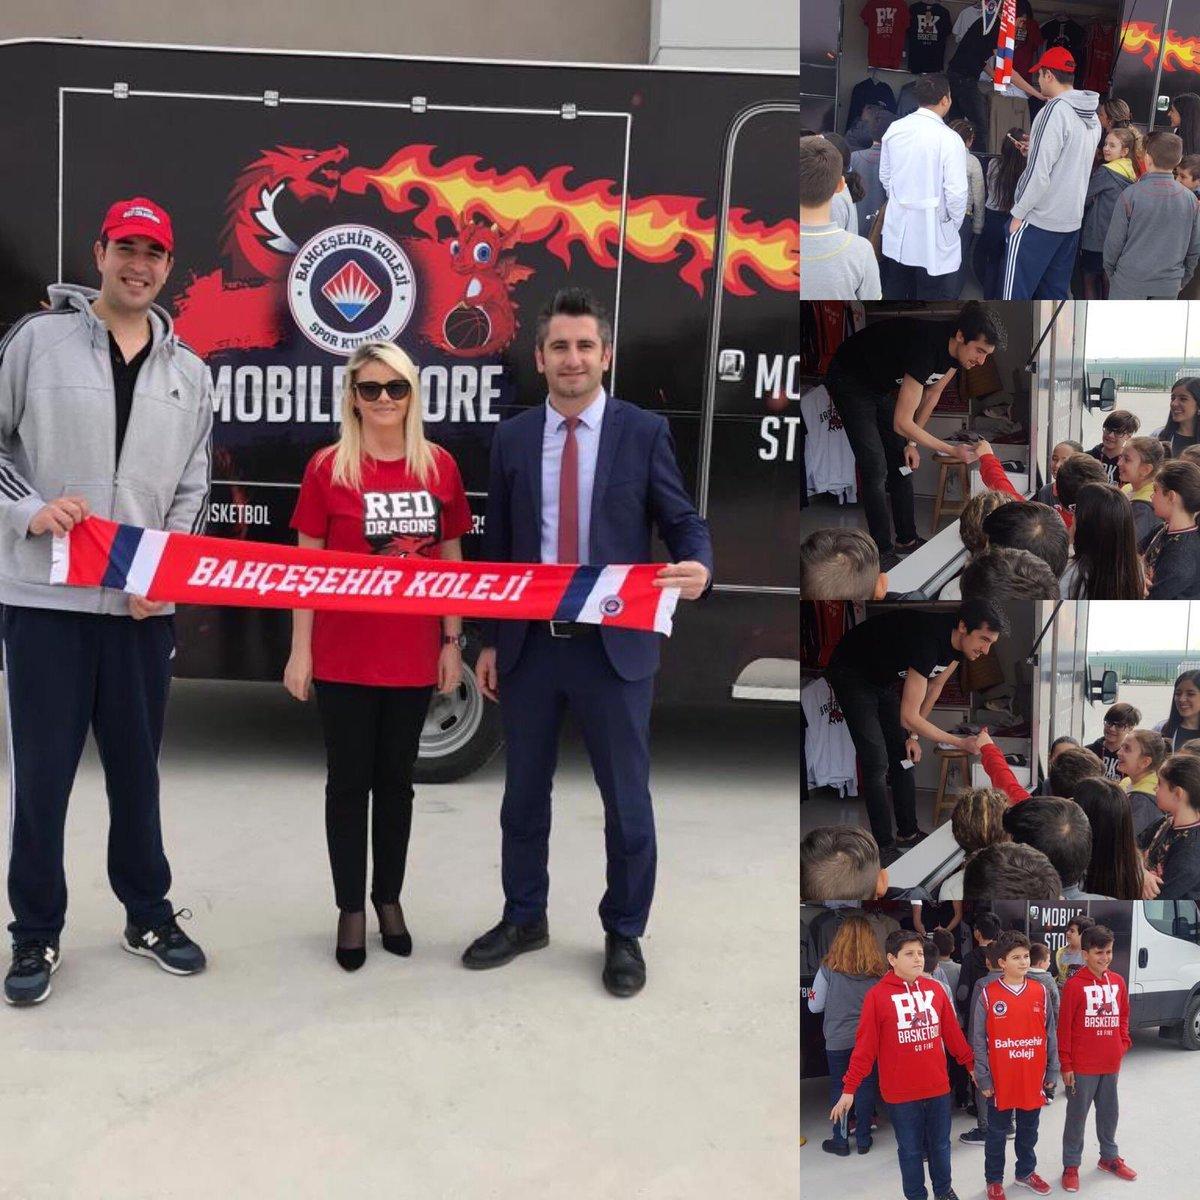 BK Basketbol mobile store aracı Öğrencilerimizden ve Öğretmenlermizden yoğun ilgi gördü. 🏀🔥🐉 #reddragonslüleburgazda #bkbasketbol @BKBasketbol